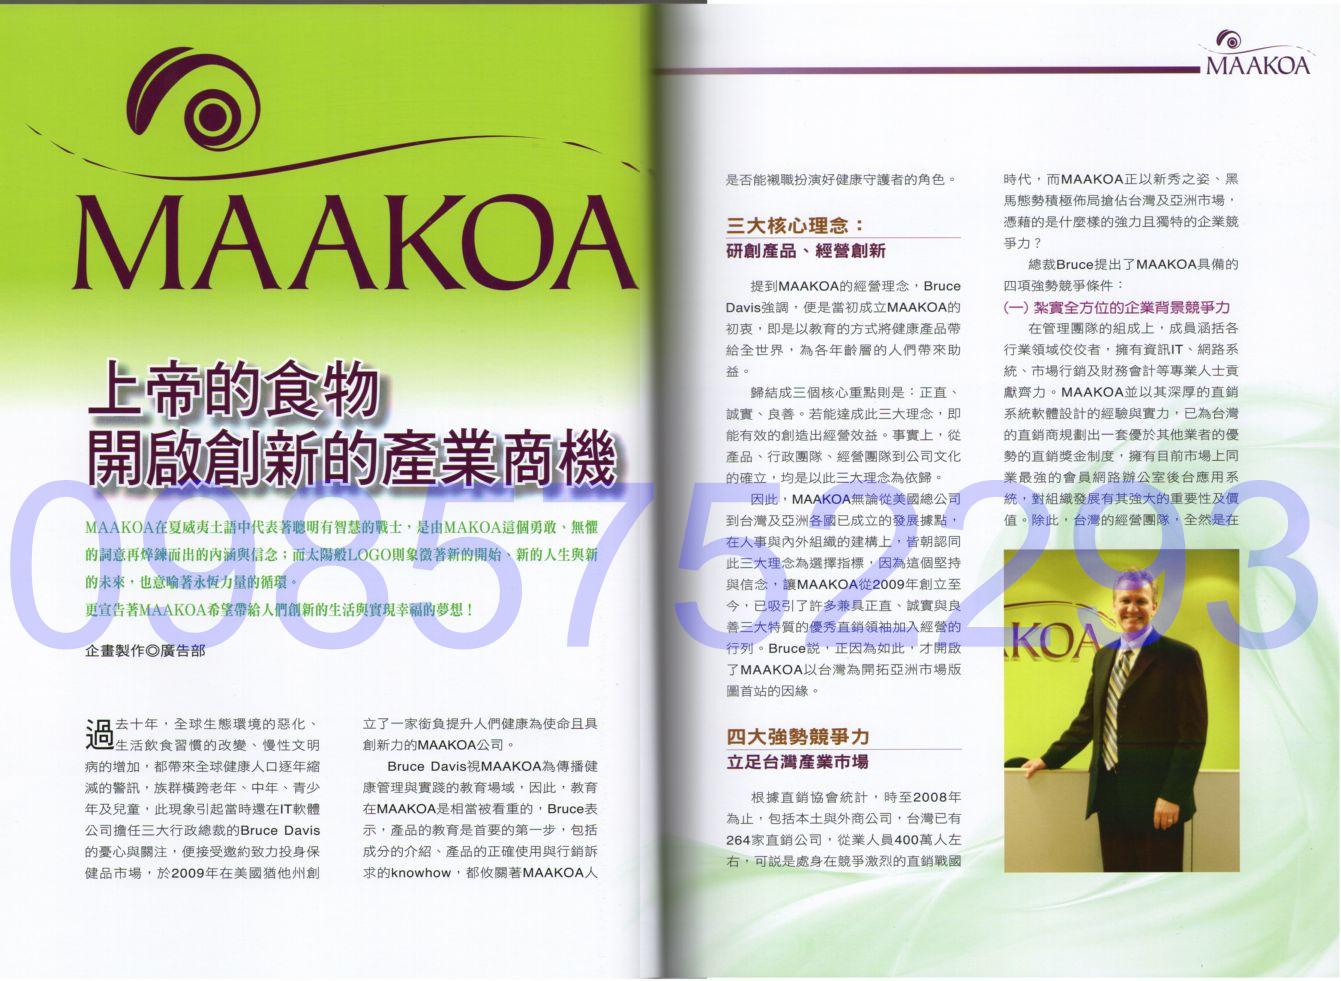 直銷世紀7月份雜誌內頁_2&3_J.jpg